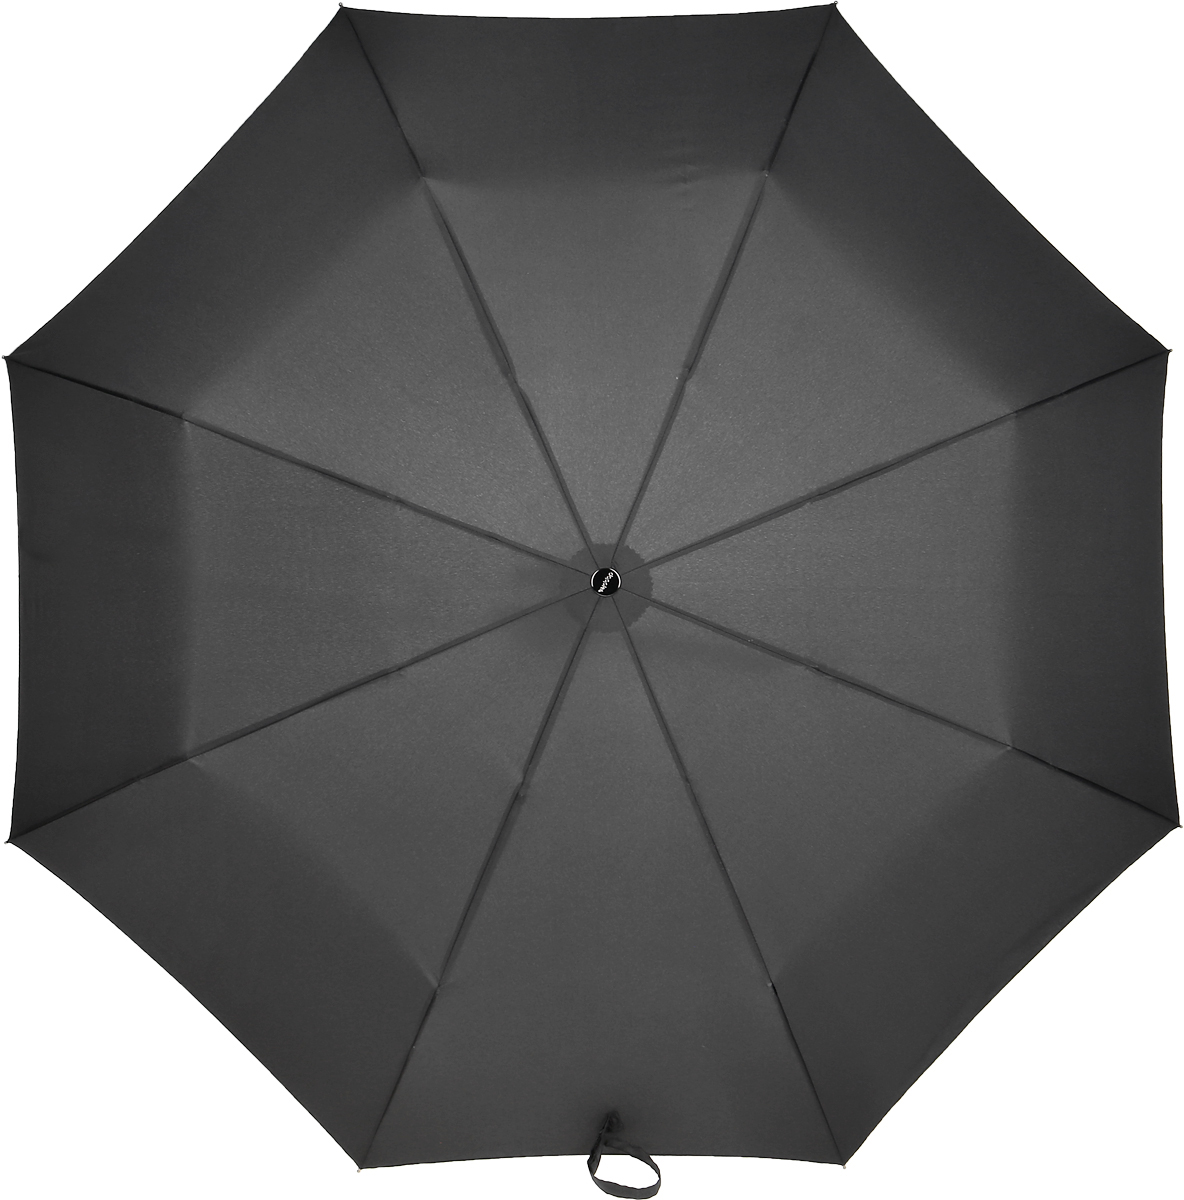 Зонт мужской Doppler, цвет: черный. 74667BFG574667BFG5Зонт Doppler 3 сложения полный автомат увеличенный купол 103 см спицы сталь и карбон пластиковая ручка ткань водоотталкивающий полиэстер вес 395 грамм.